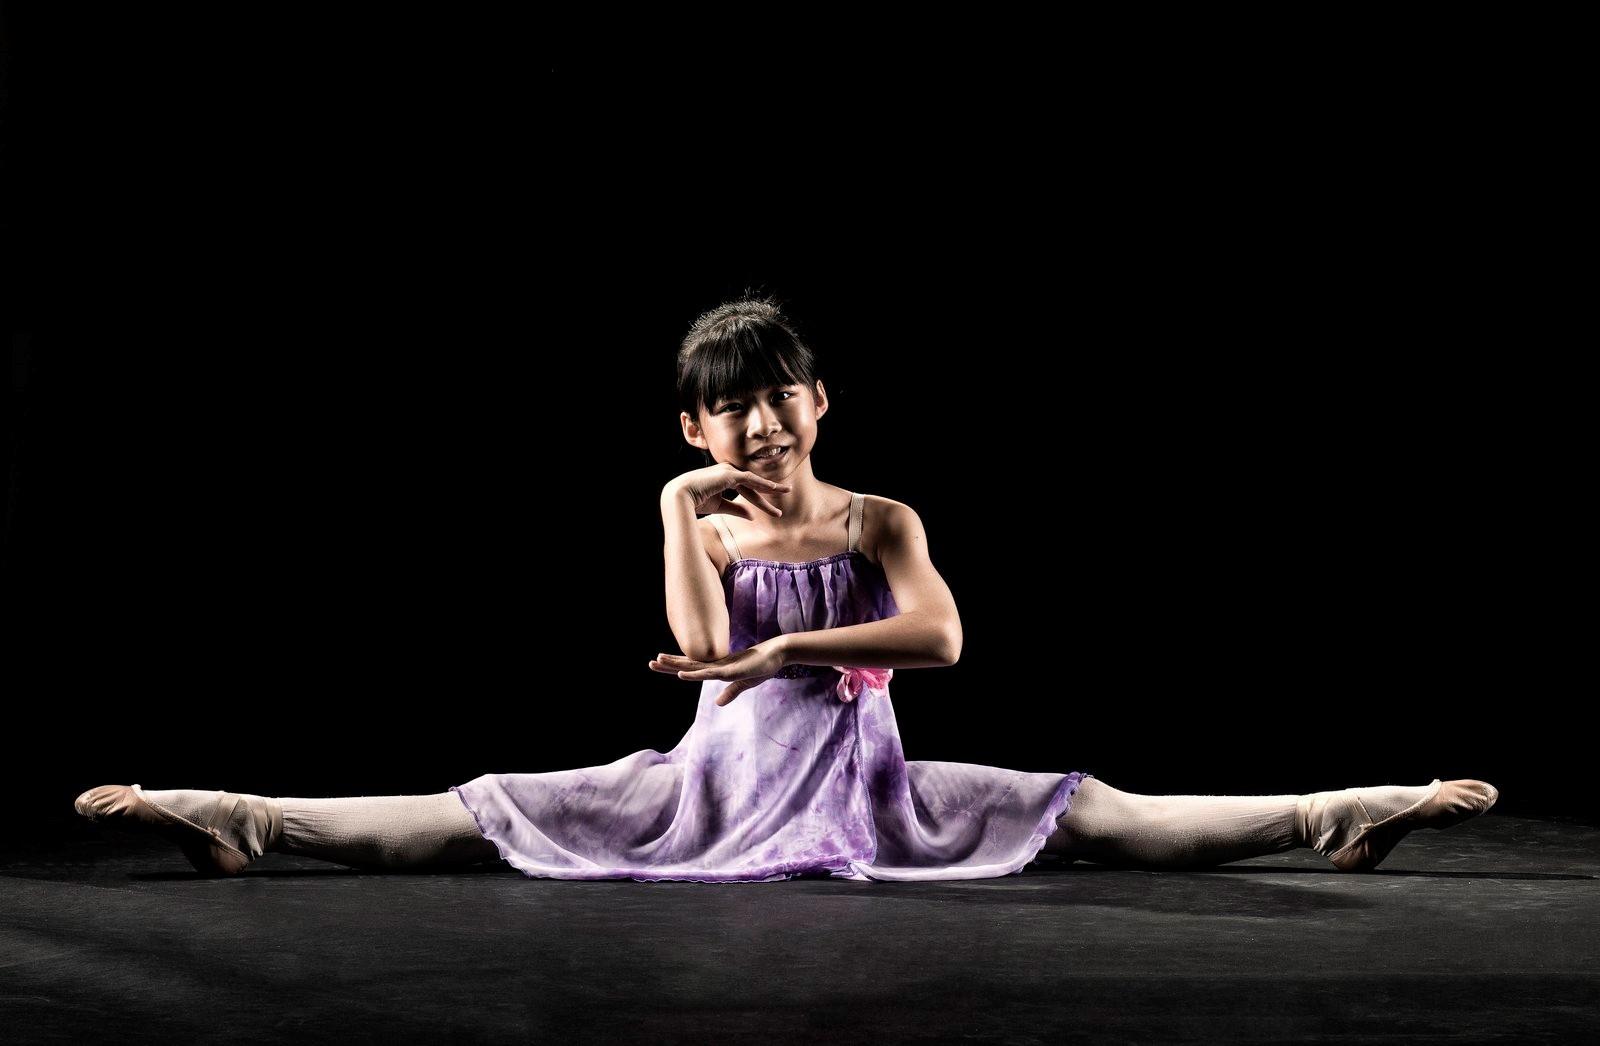 ballet-dance-kid